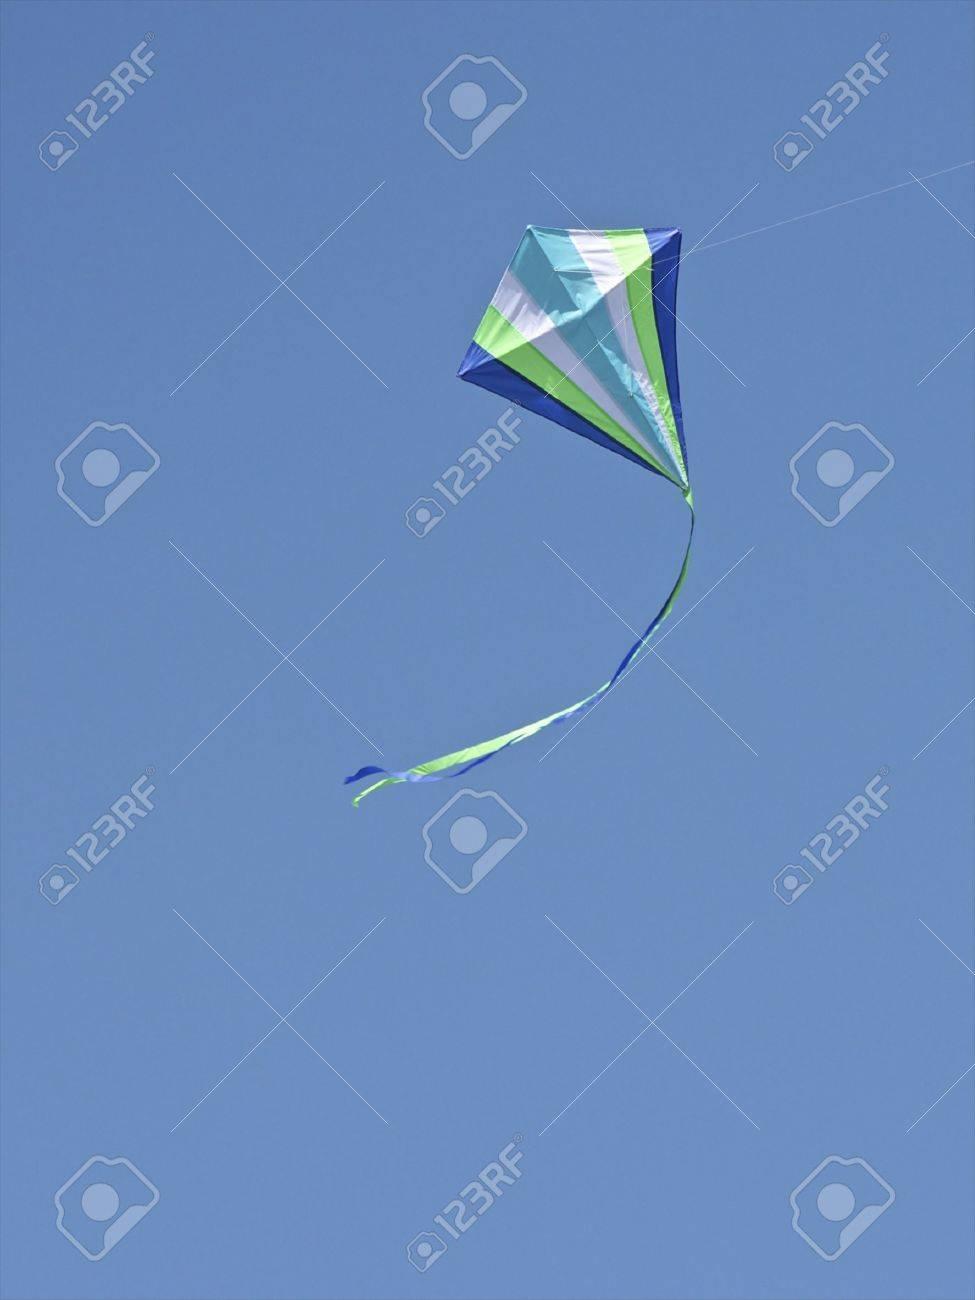 Kite Flying - 10393165